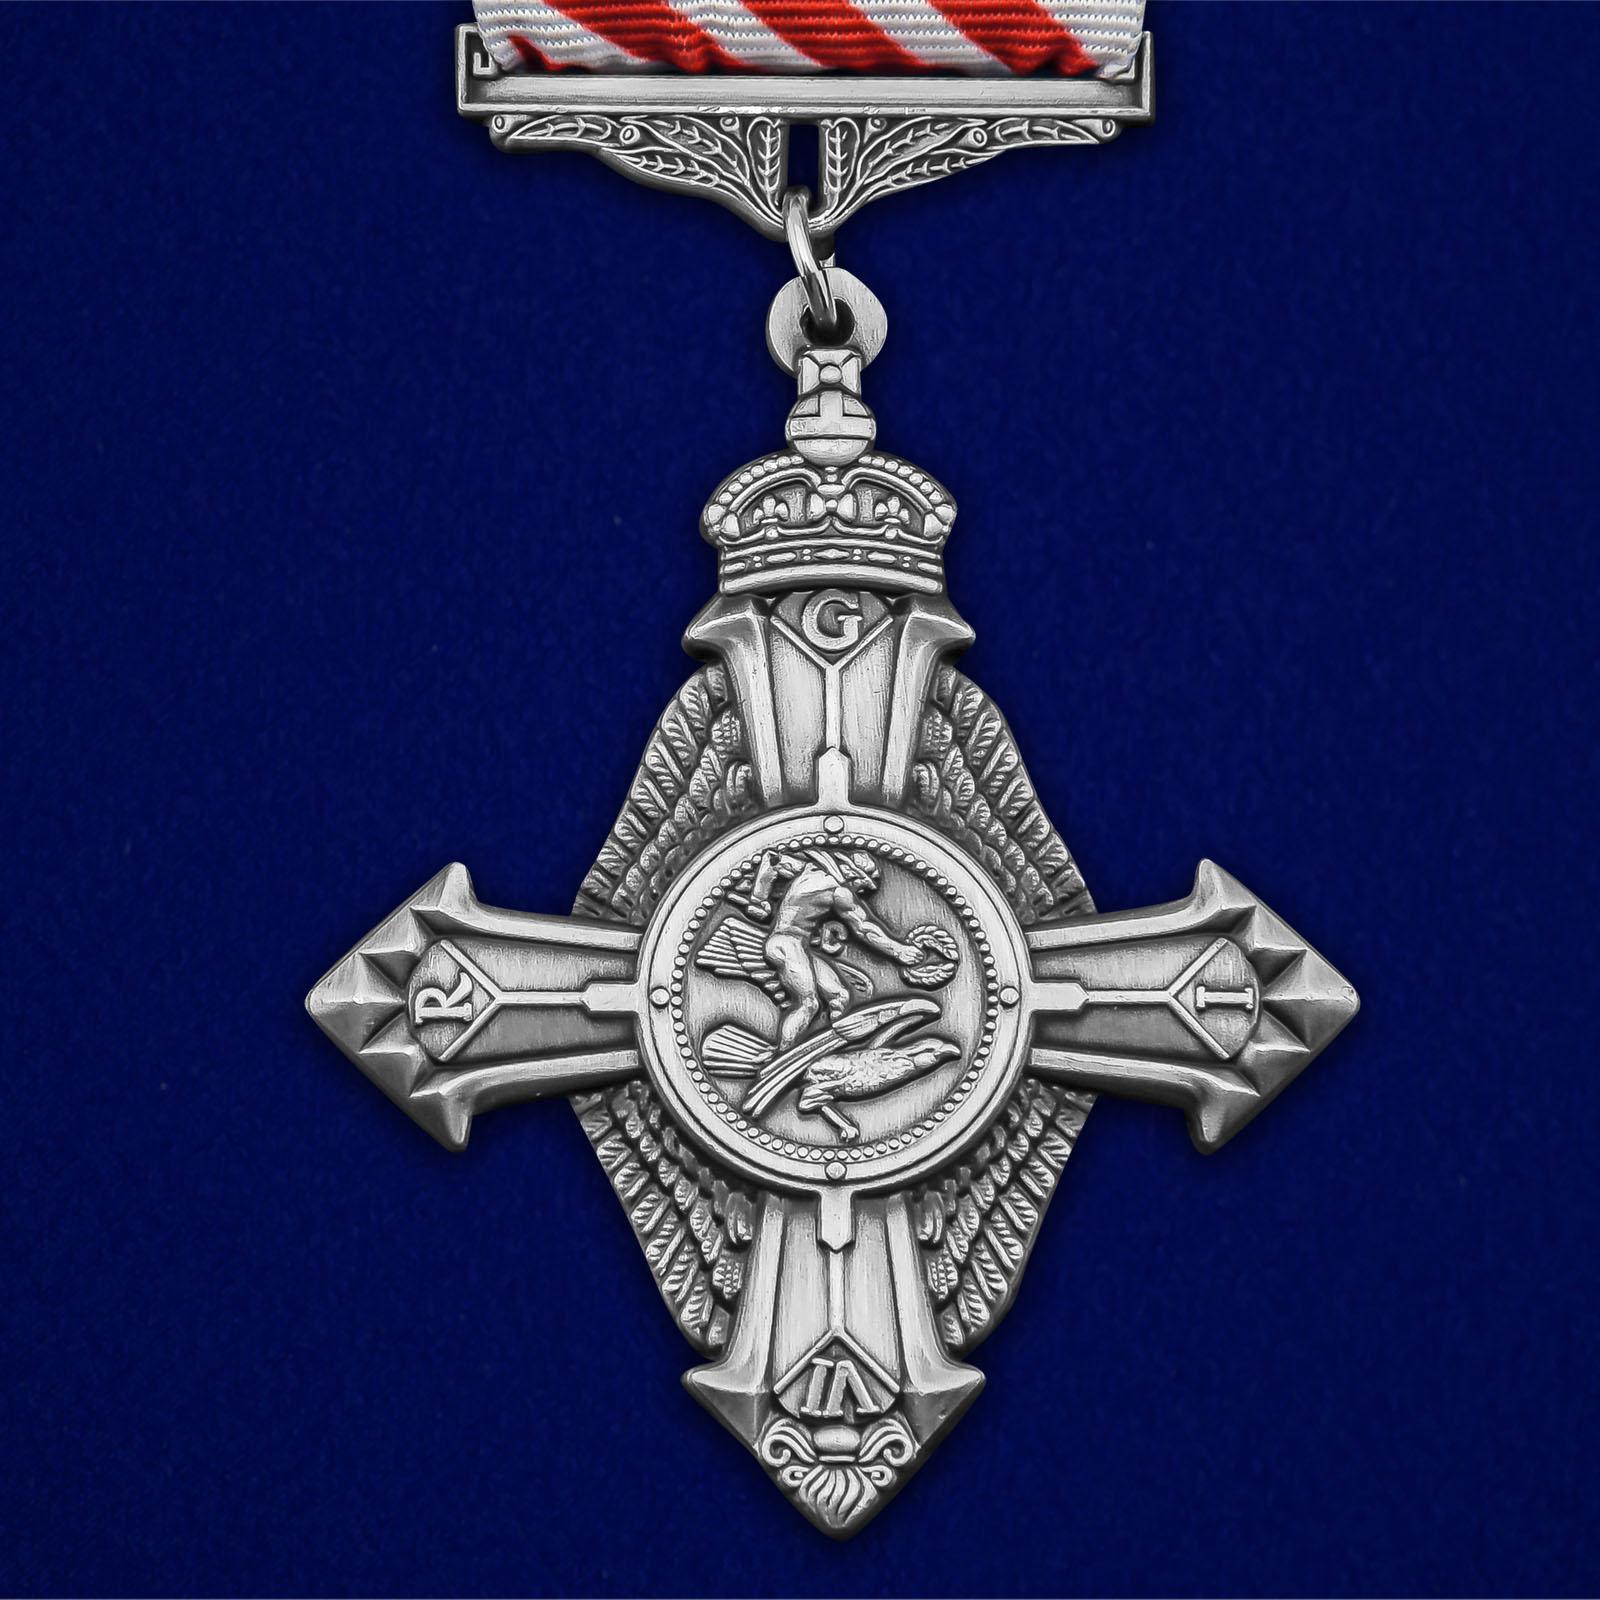 Крест ВВС (Великобритания)